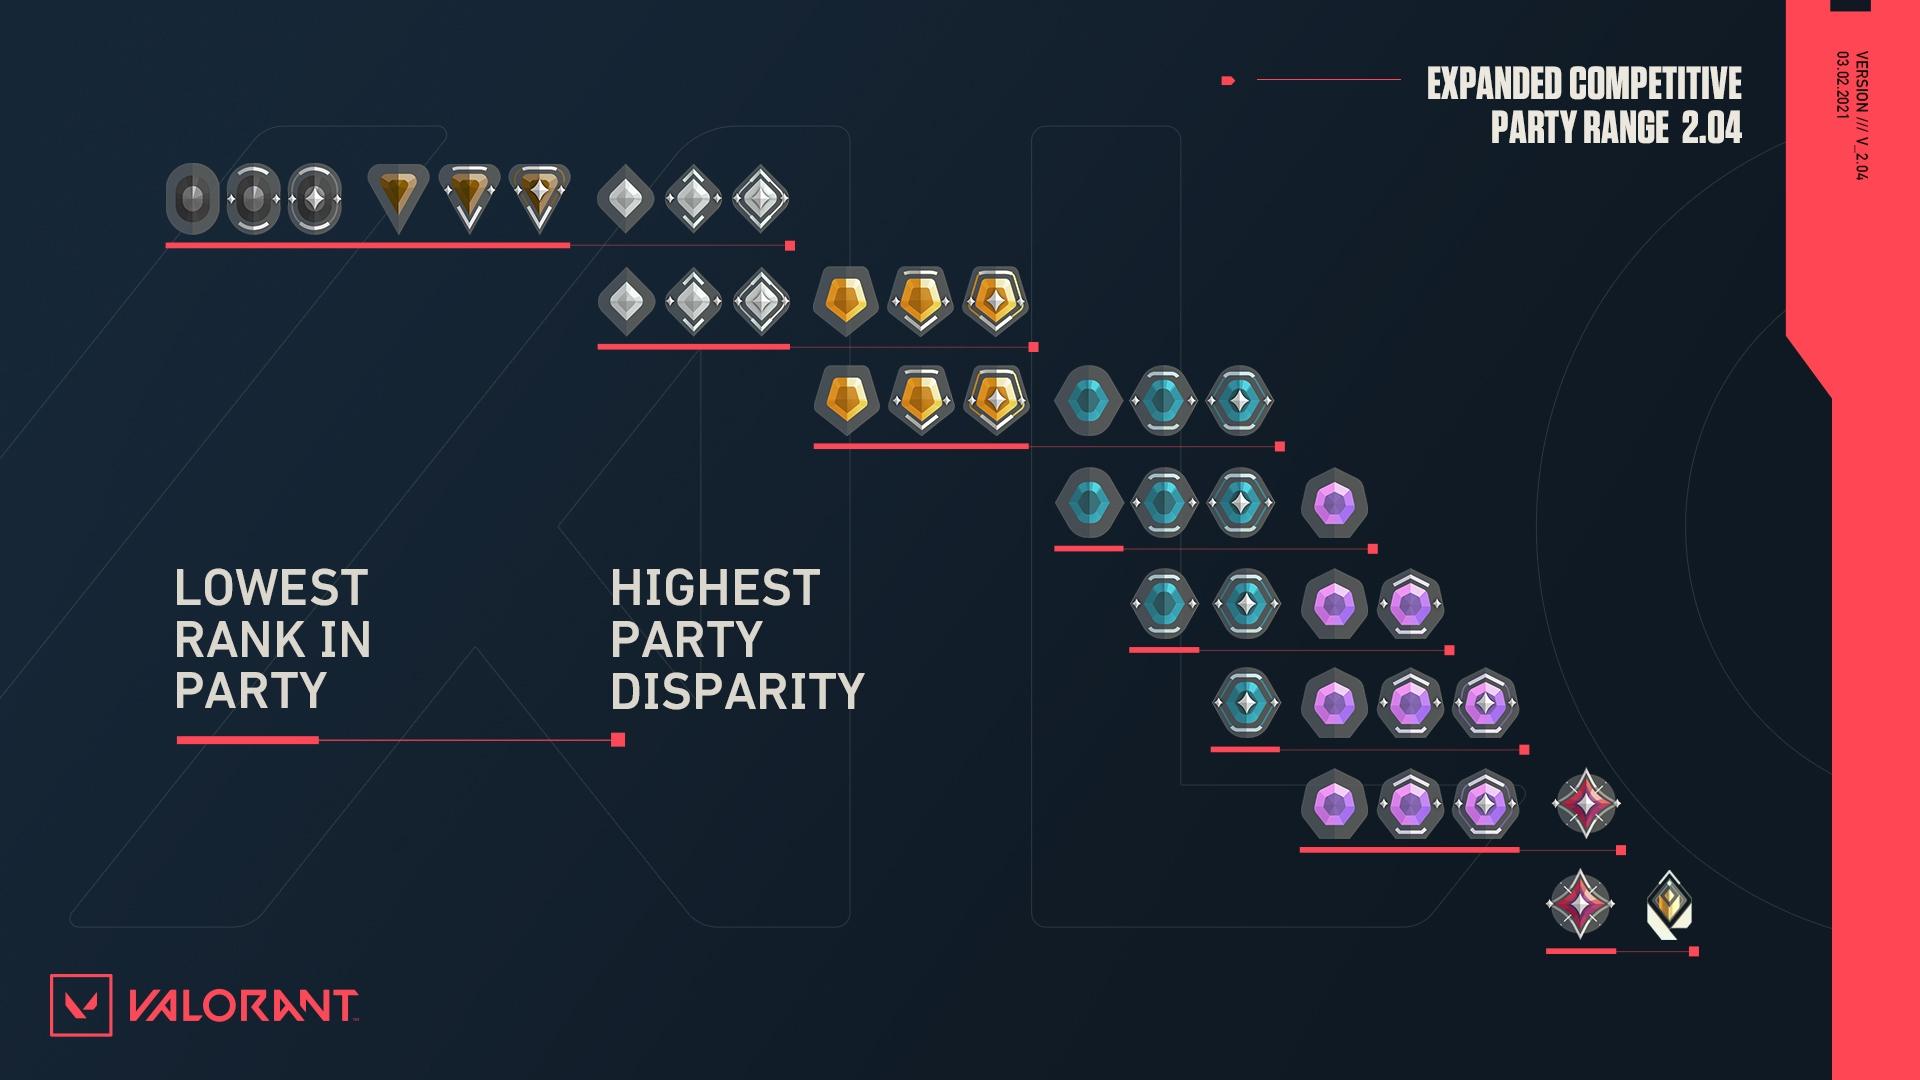 Compet-queue-disparity_v2.jpg